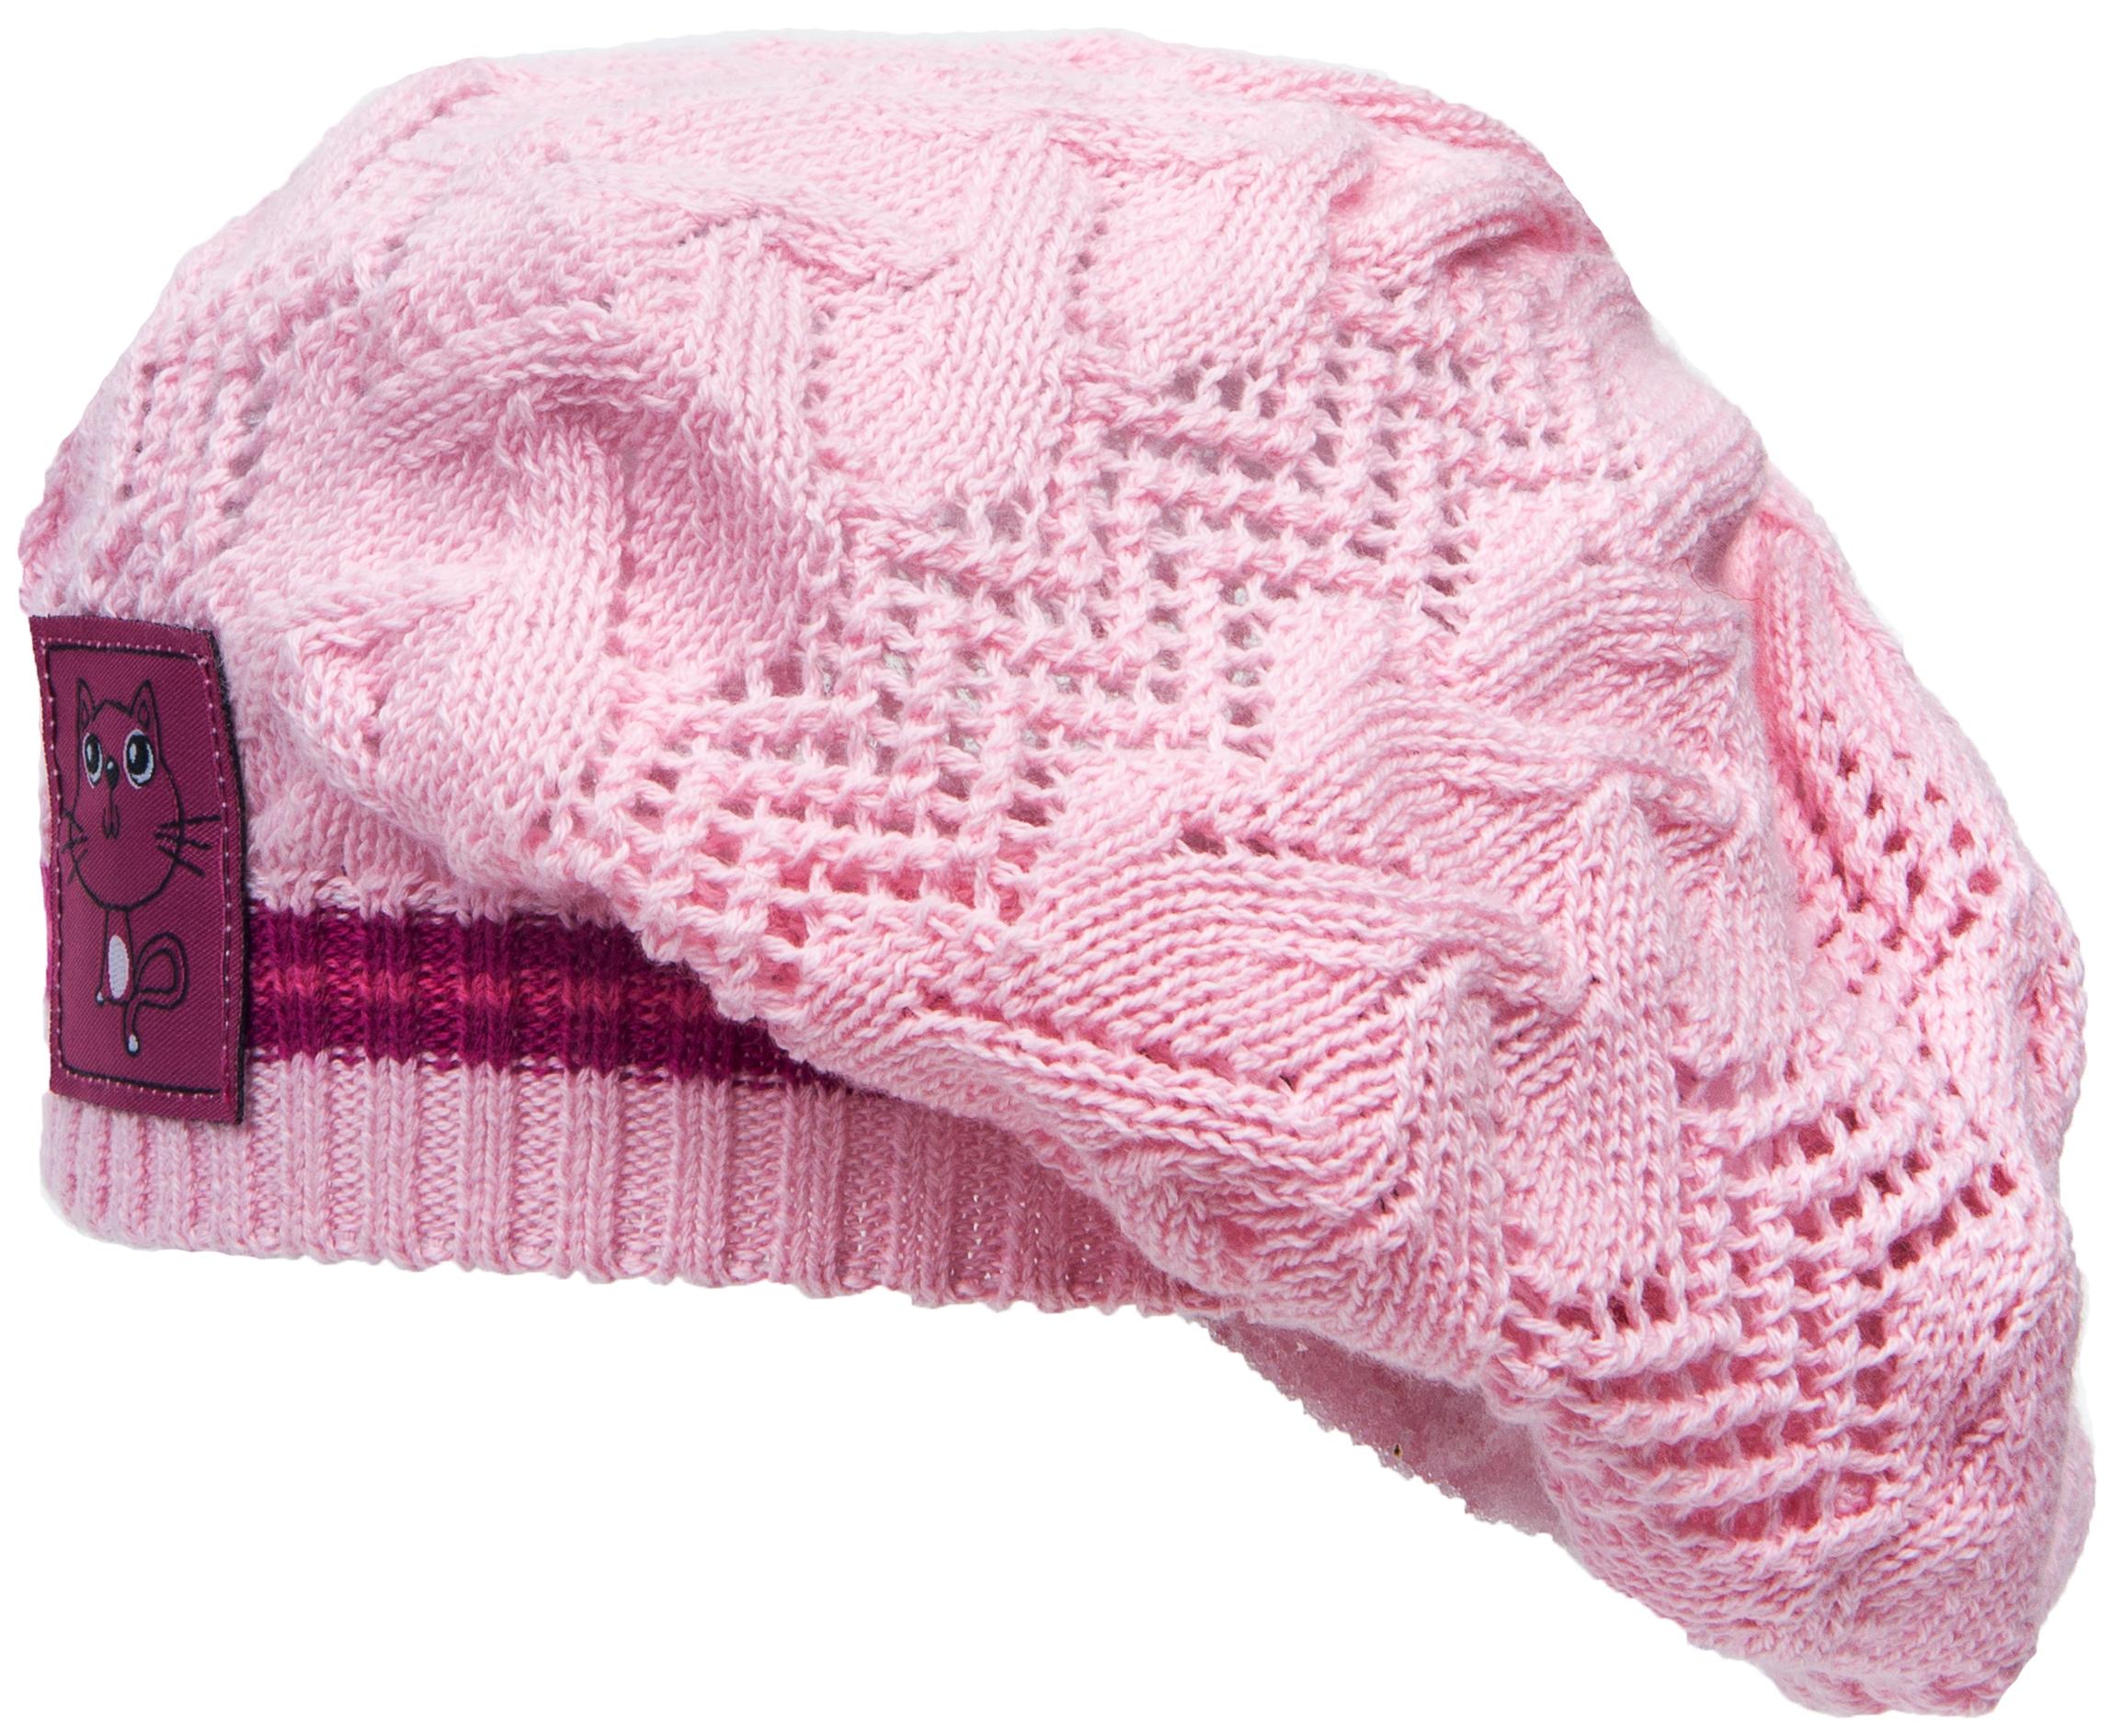 Головные уборы Barkito Берет детский для девочки Barkito, розовый с сиреневым берет lak miss берет